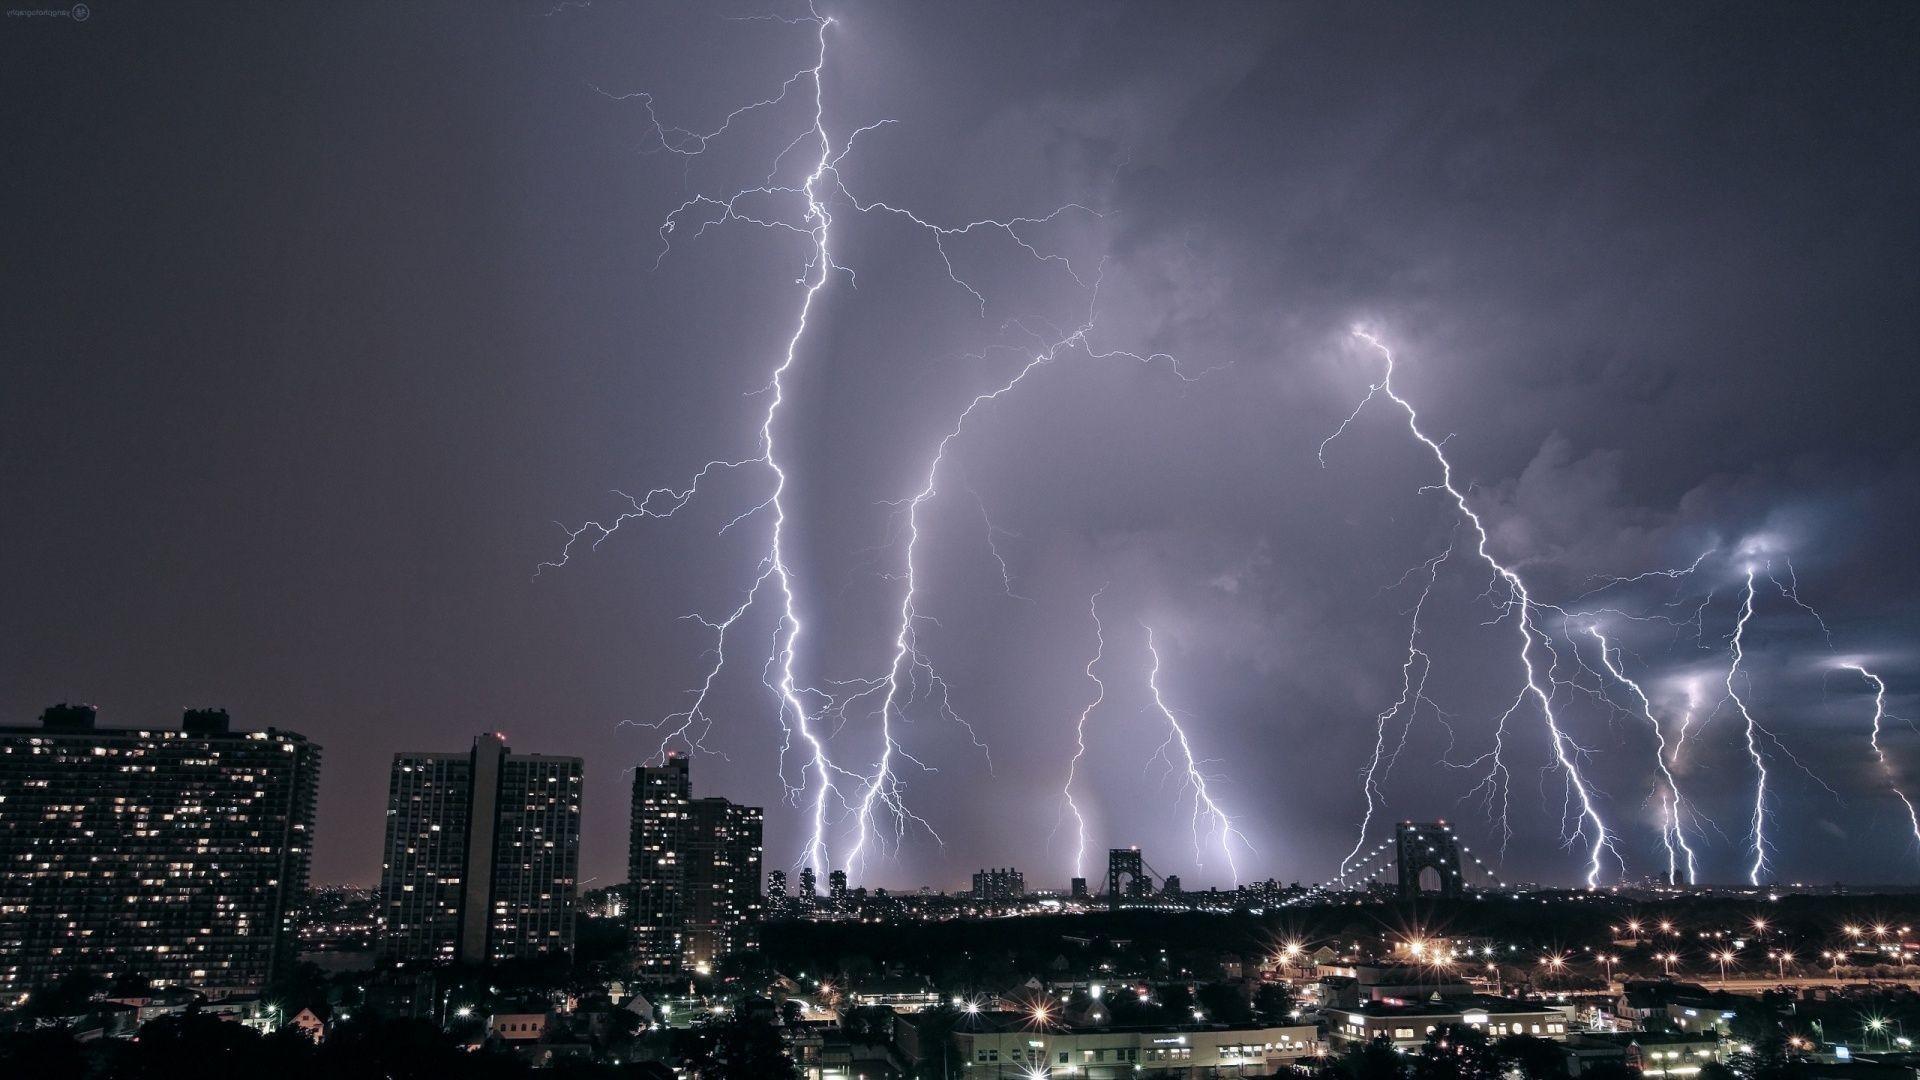 Download Lightning Wallpaper Images #k61i >